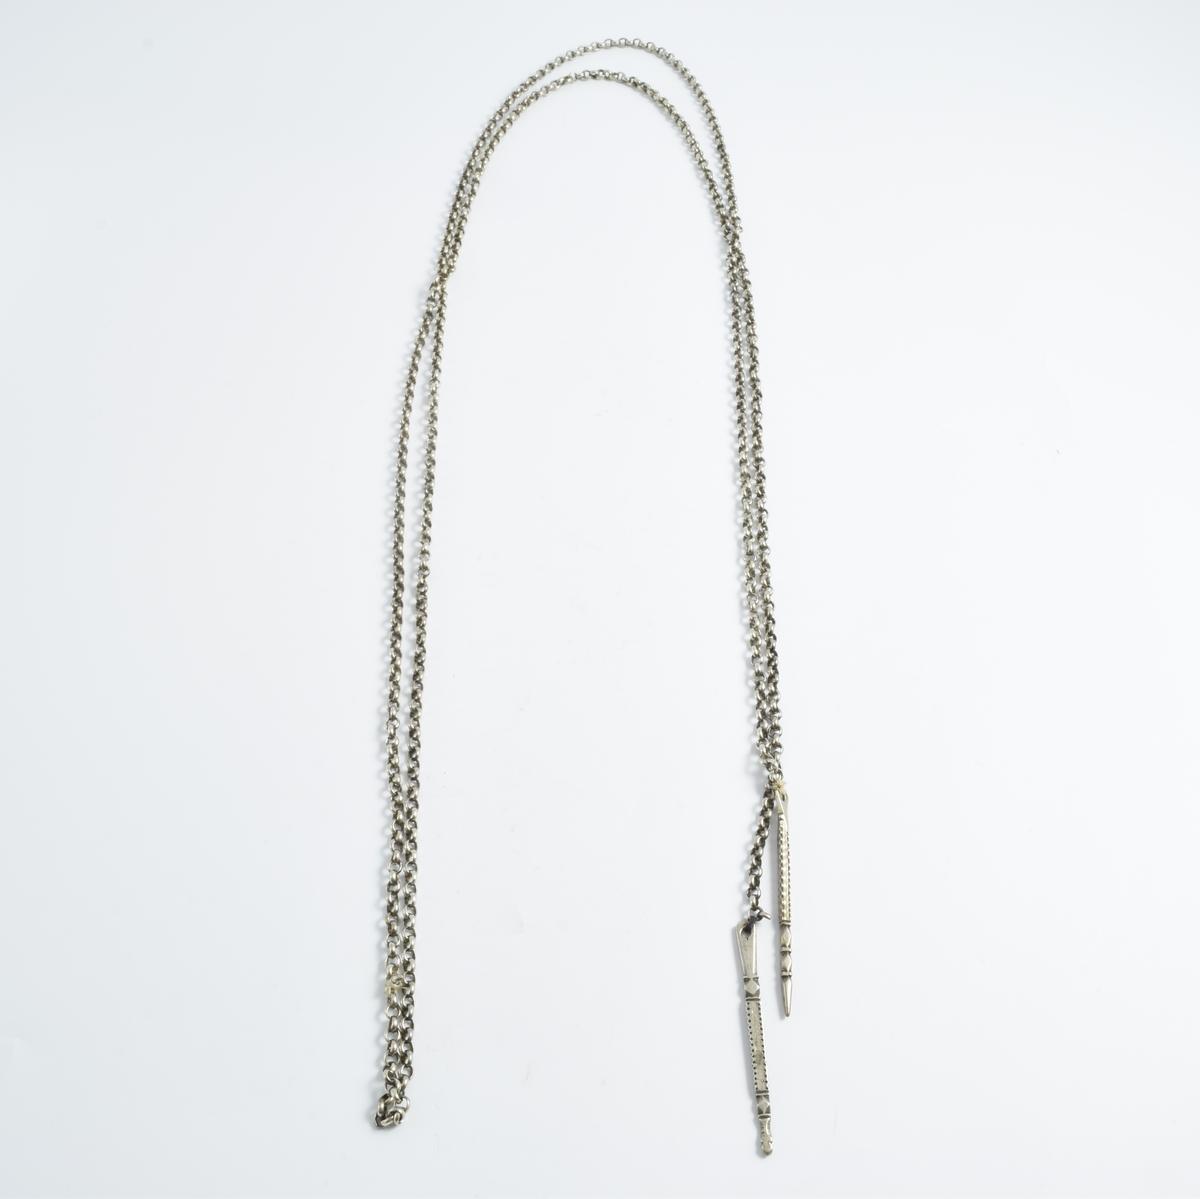 Lenke i sølv med spyd i hver ende.